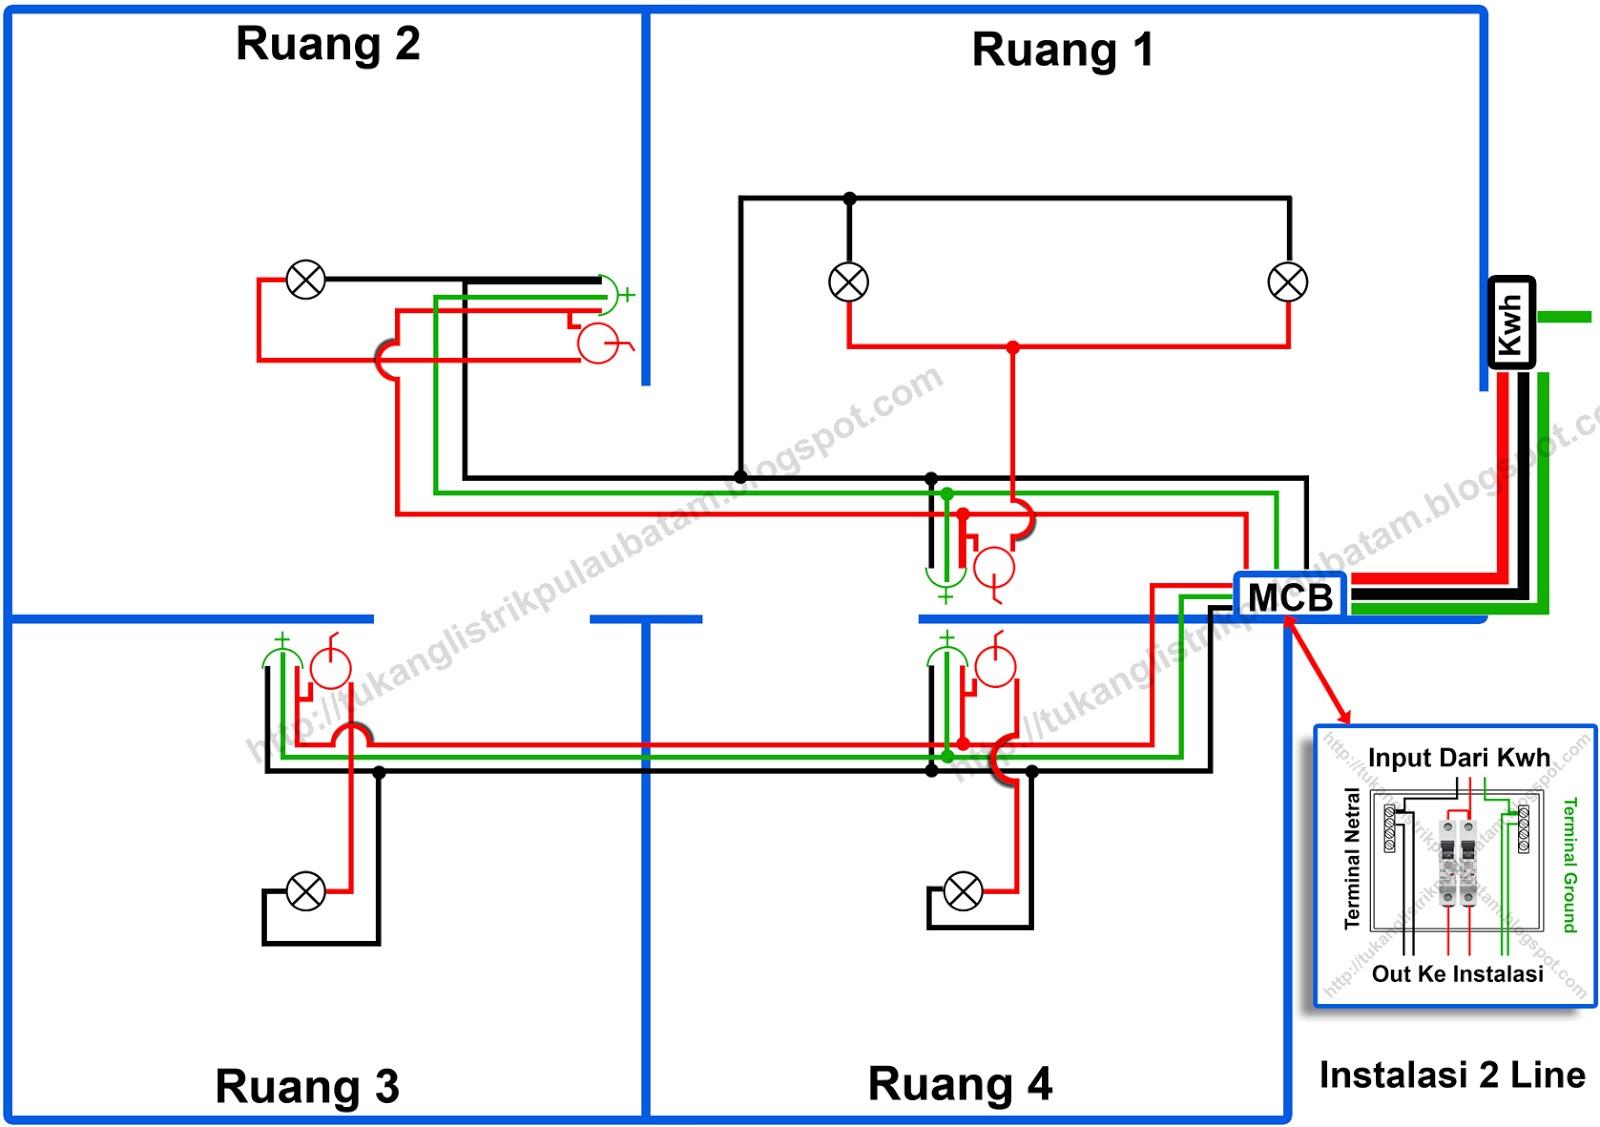 Wiring Diagram Instalasi Listrik : Jenis tipe rangkaian instalasi listrik rumah tukang